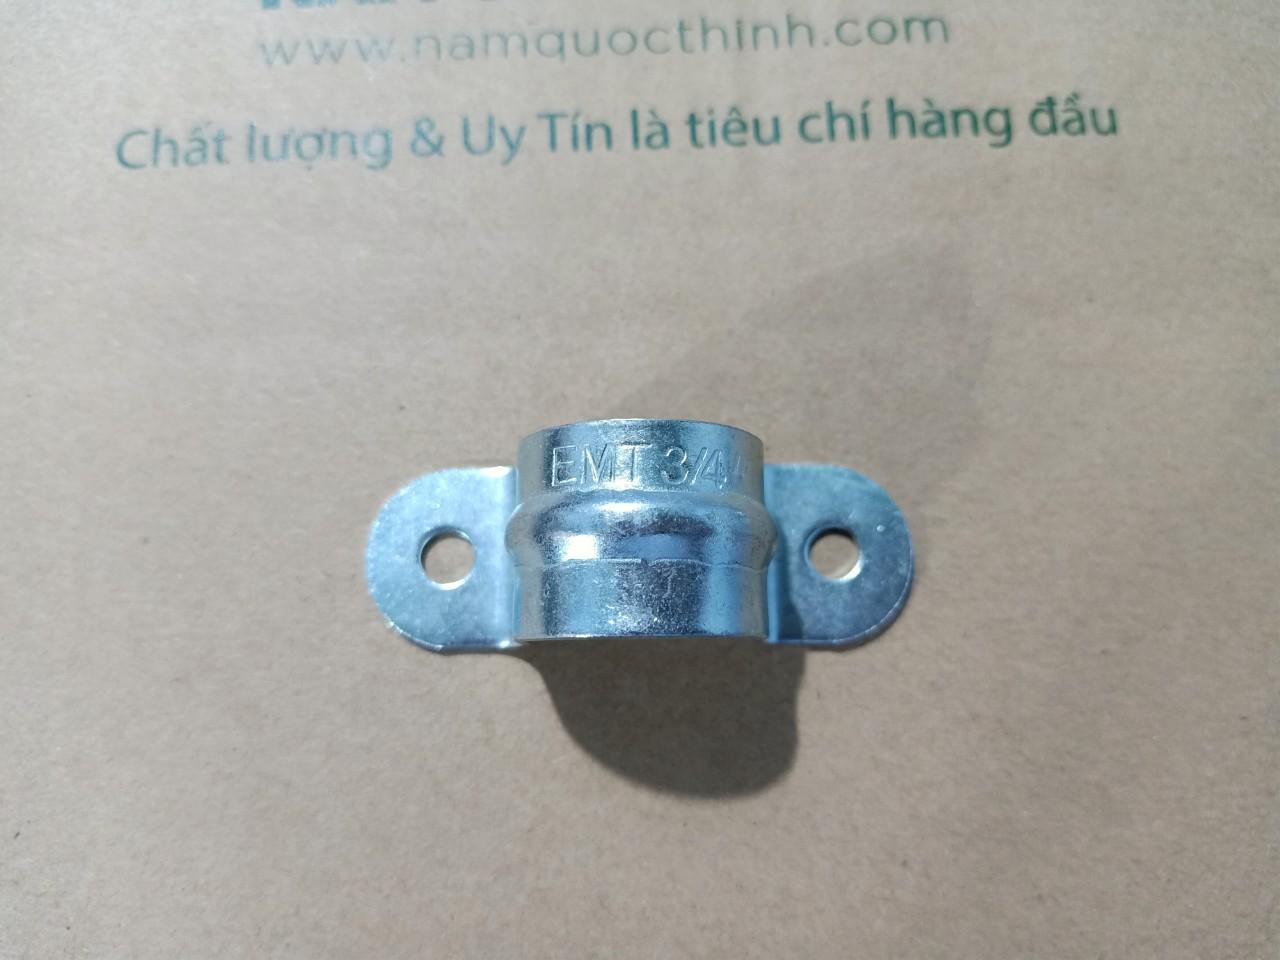 Kẹp ống thép luồn dây điện trơn phi 25 2 lỗ